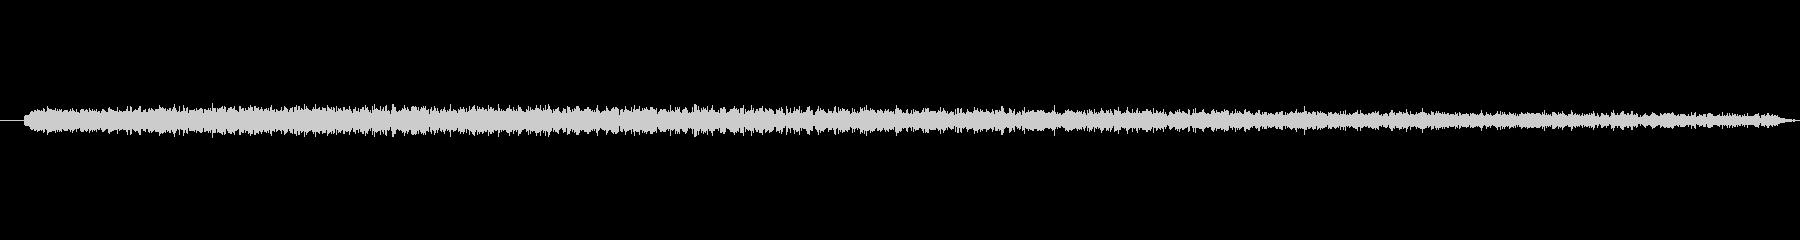 ガーン(衝撃時) 低いシンセPAD音の未再生の波形